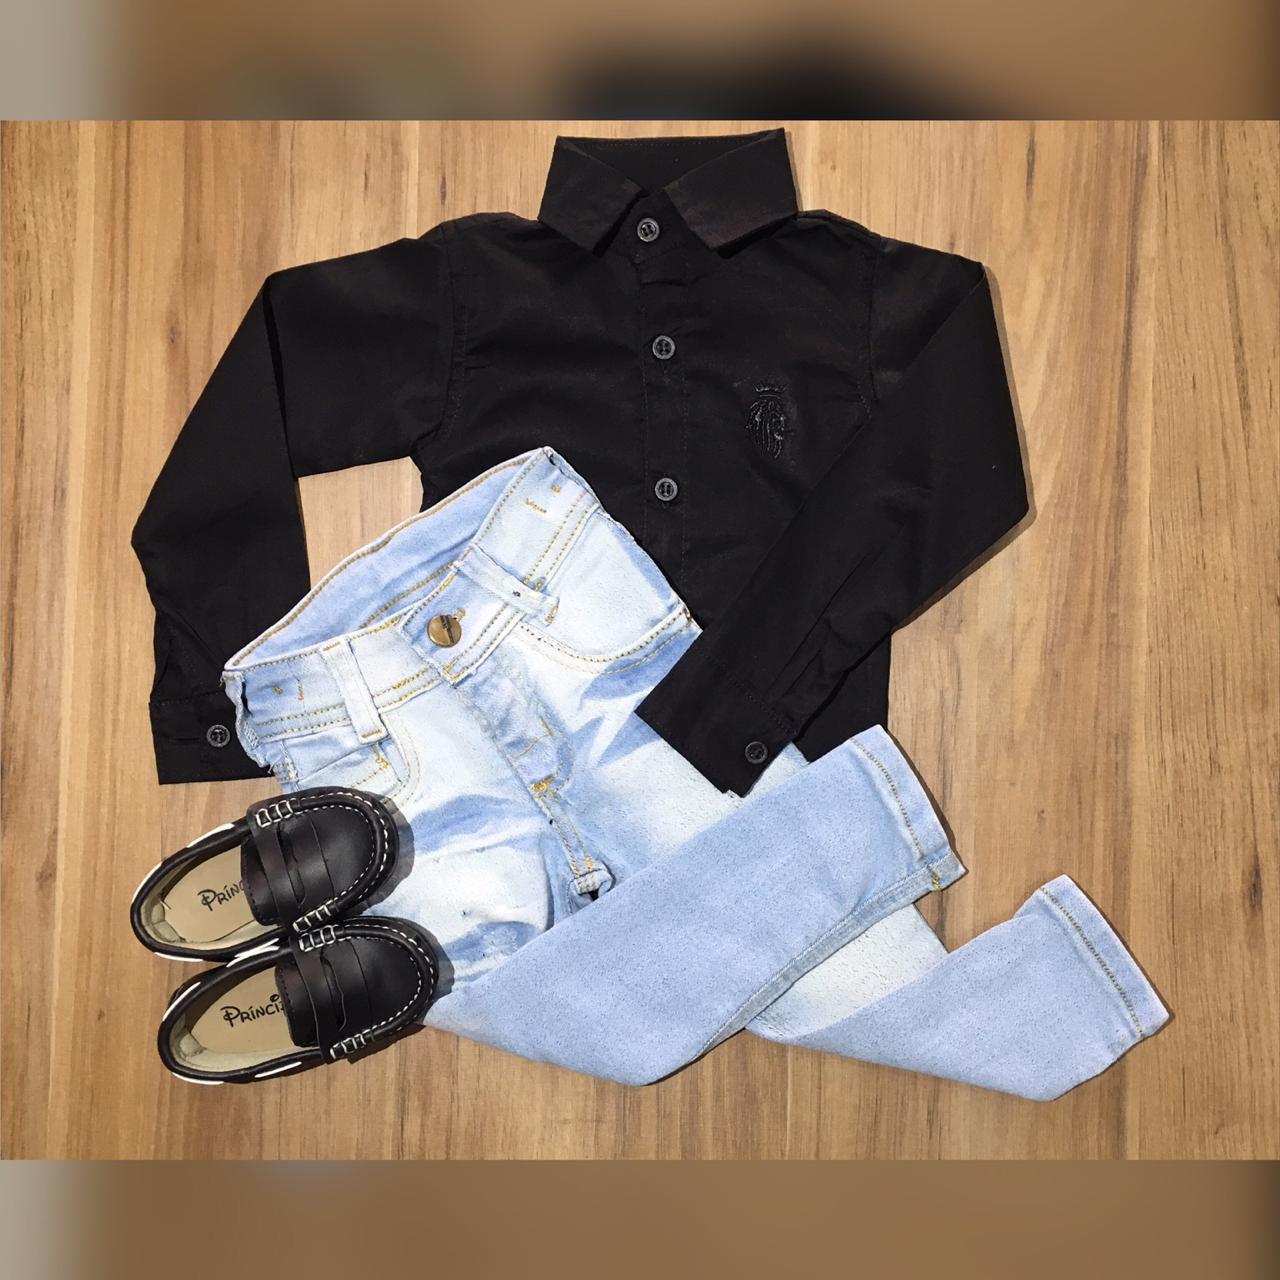 Calça Jeans Clara com Camisa Manga Longa Preta